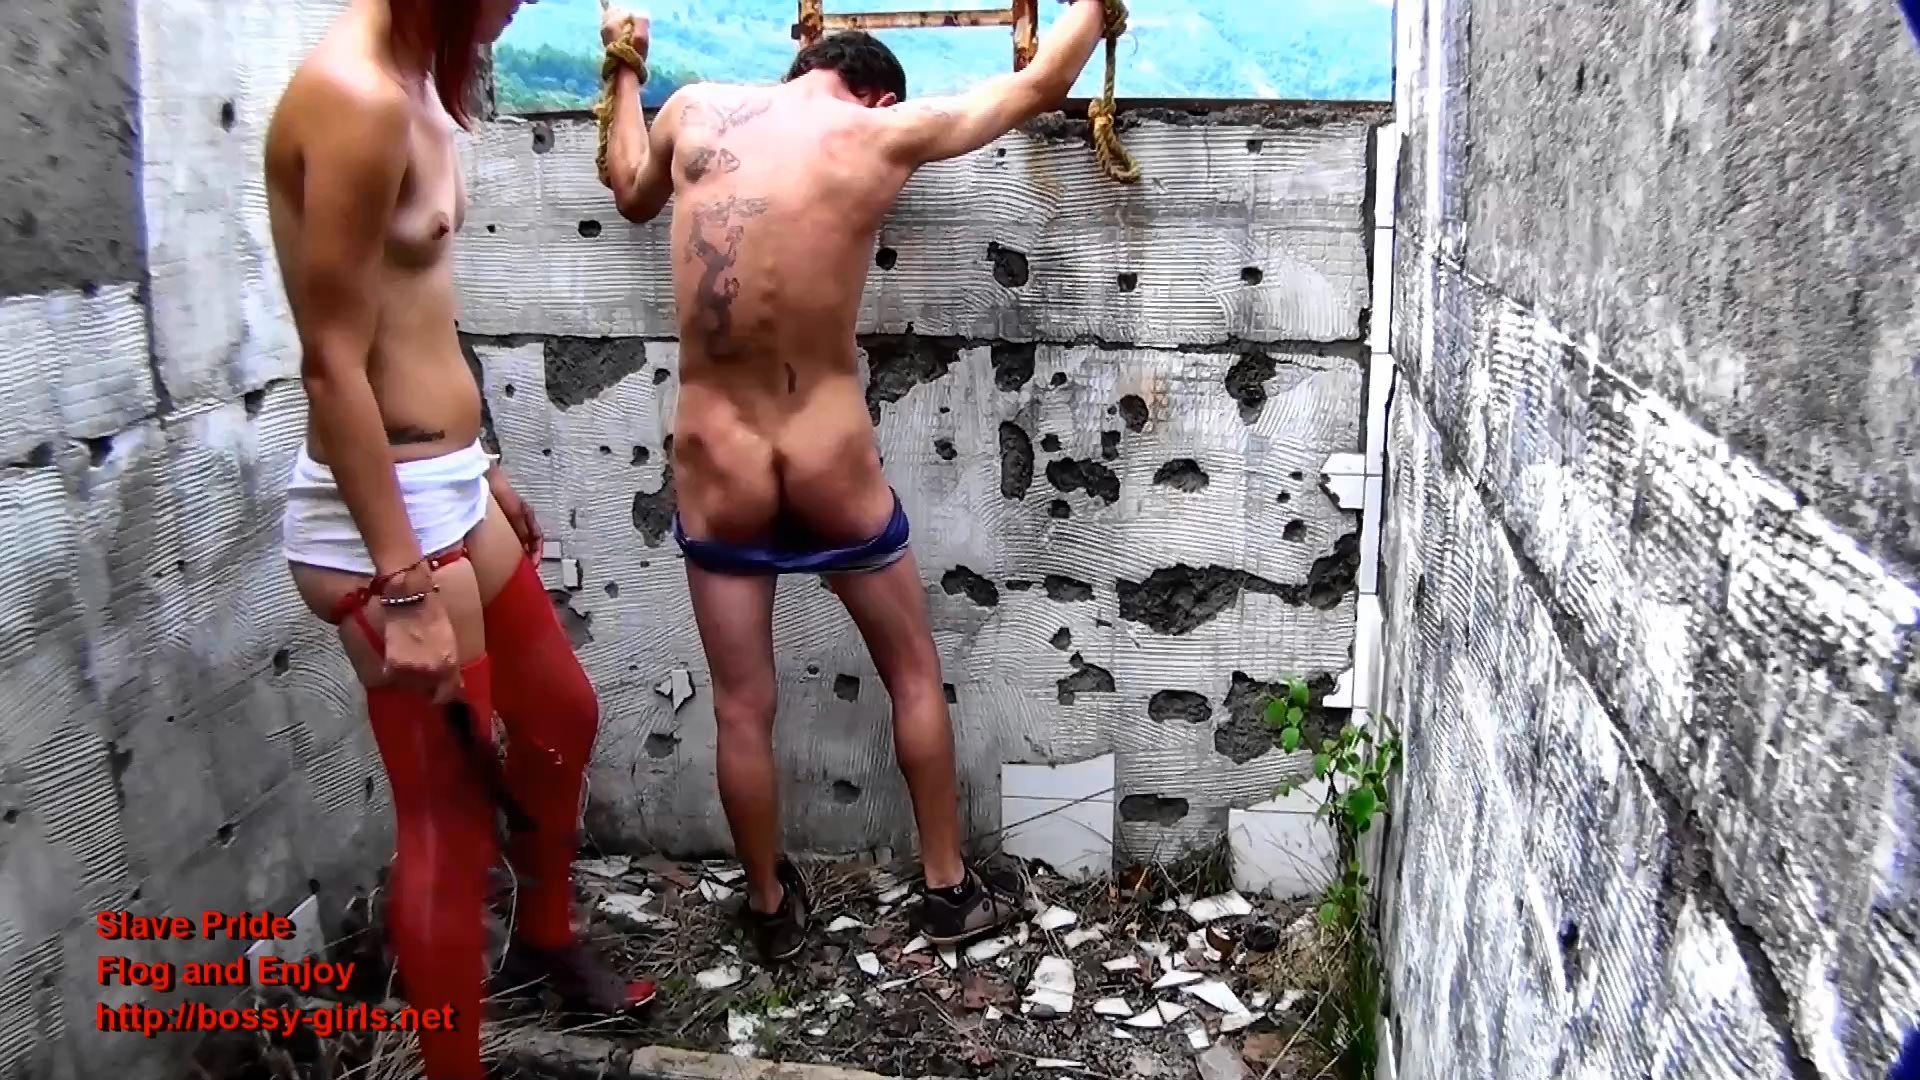 Ms. Liz, Mr. Valenada In Scene: SLAVE PRIDE 03 Flog And Enjoy - BOSSY-GIRLS - FULL HD/1080p/MP4